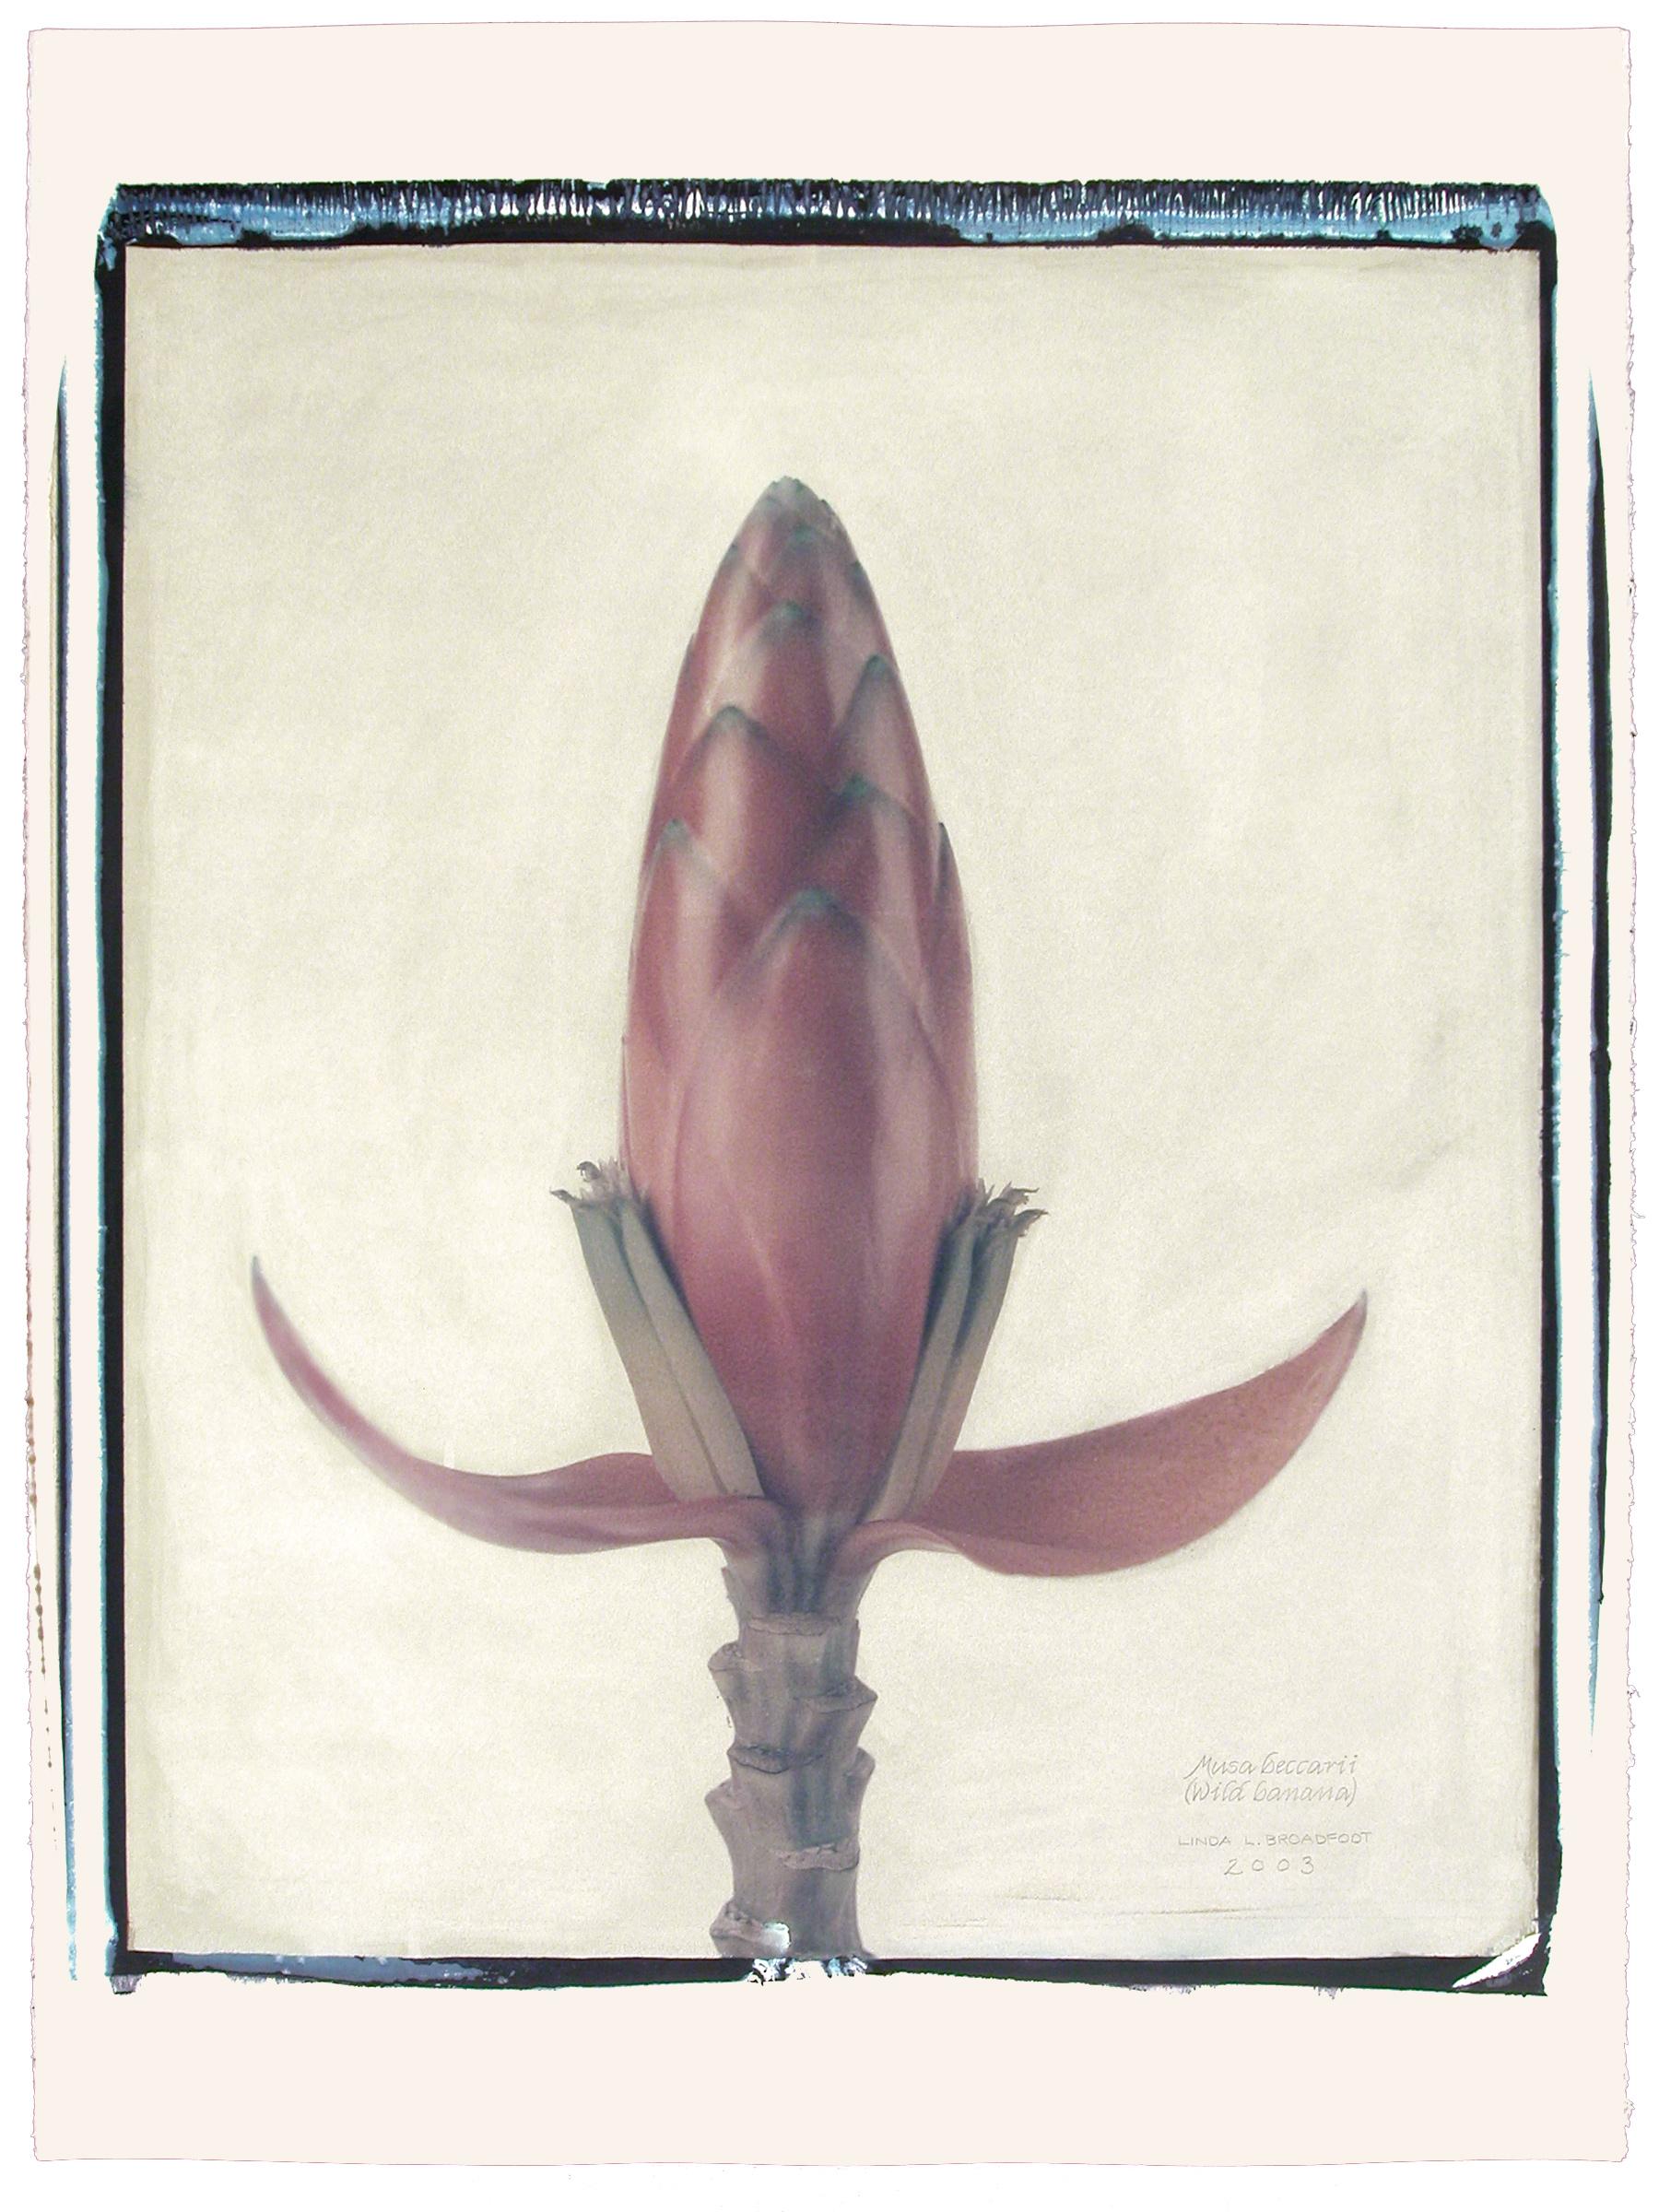 Musa beccarii  (Wild Banana), 2003